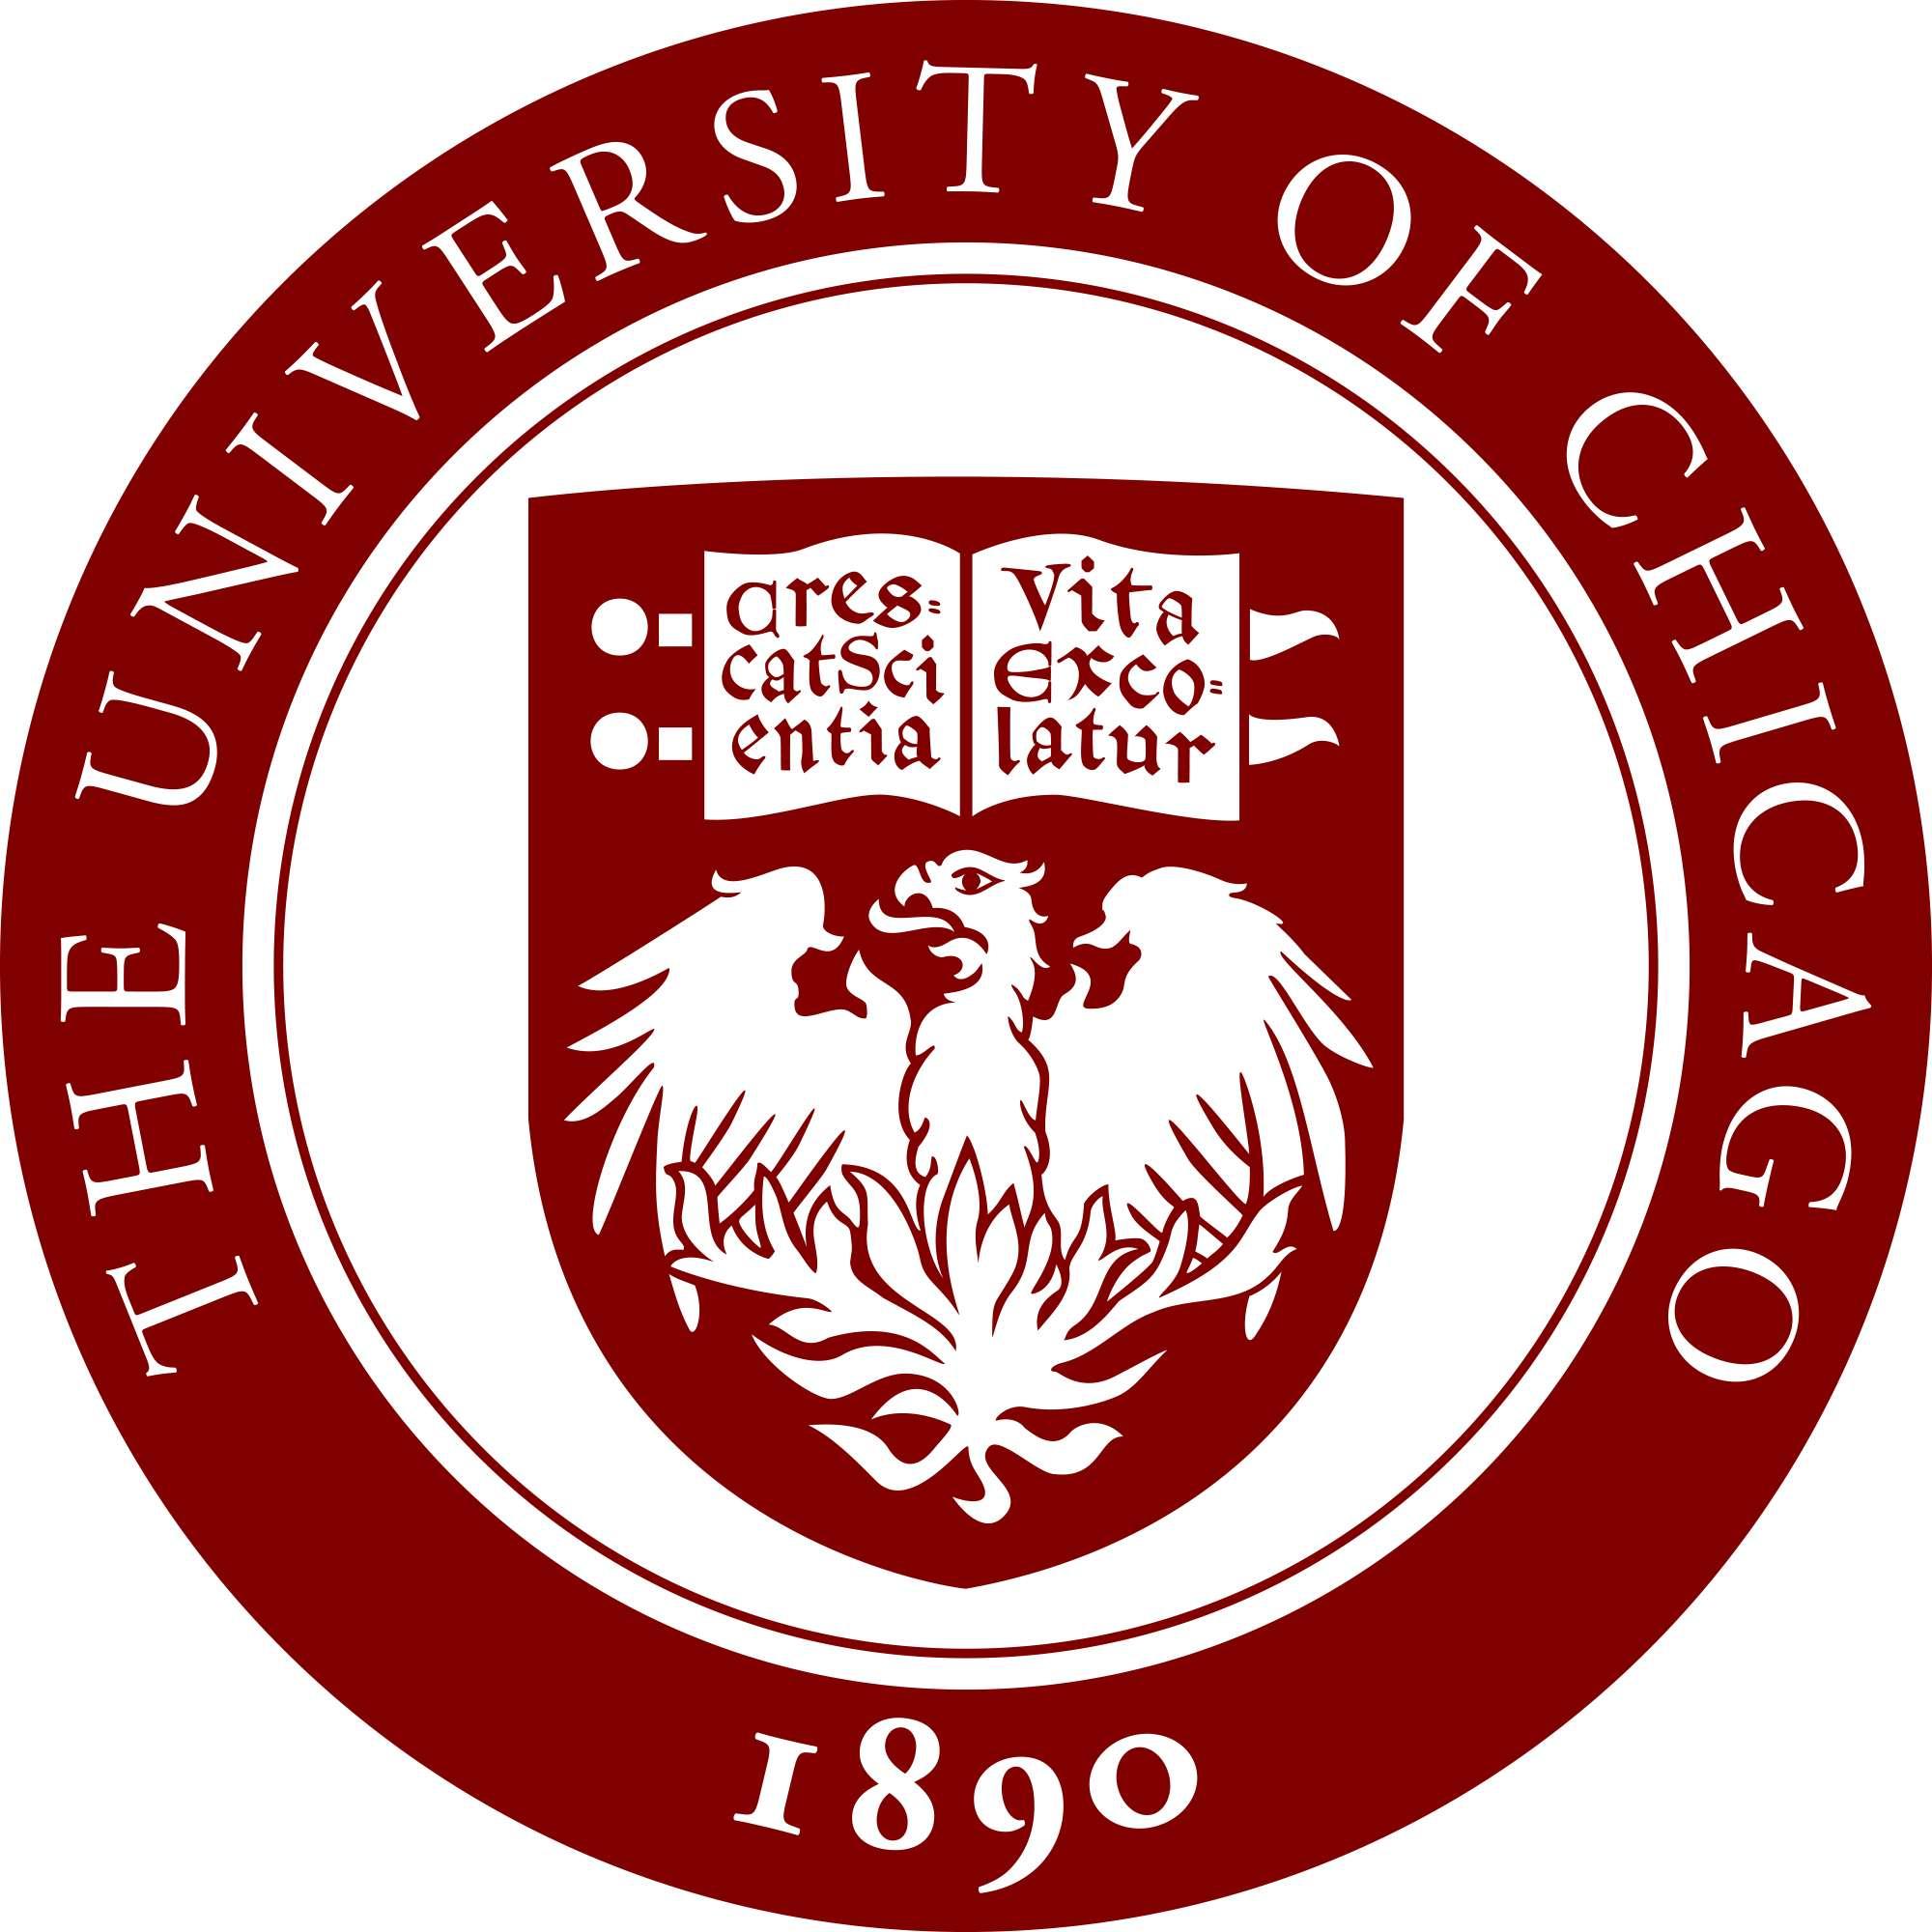 Το πανεπιστήμιο του Σικάγου